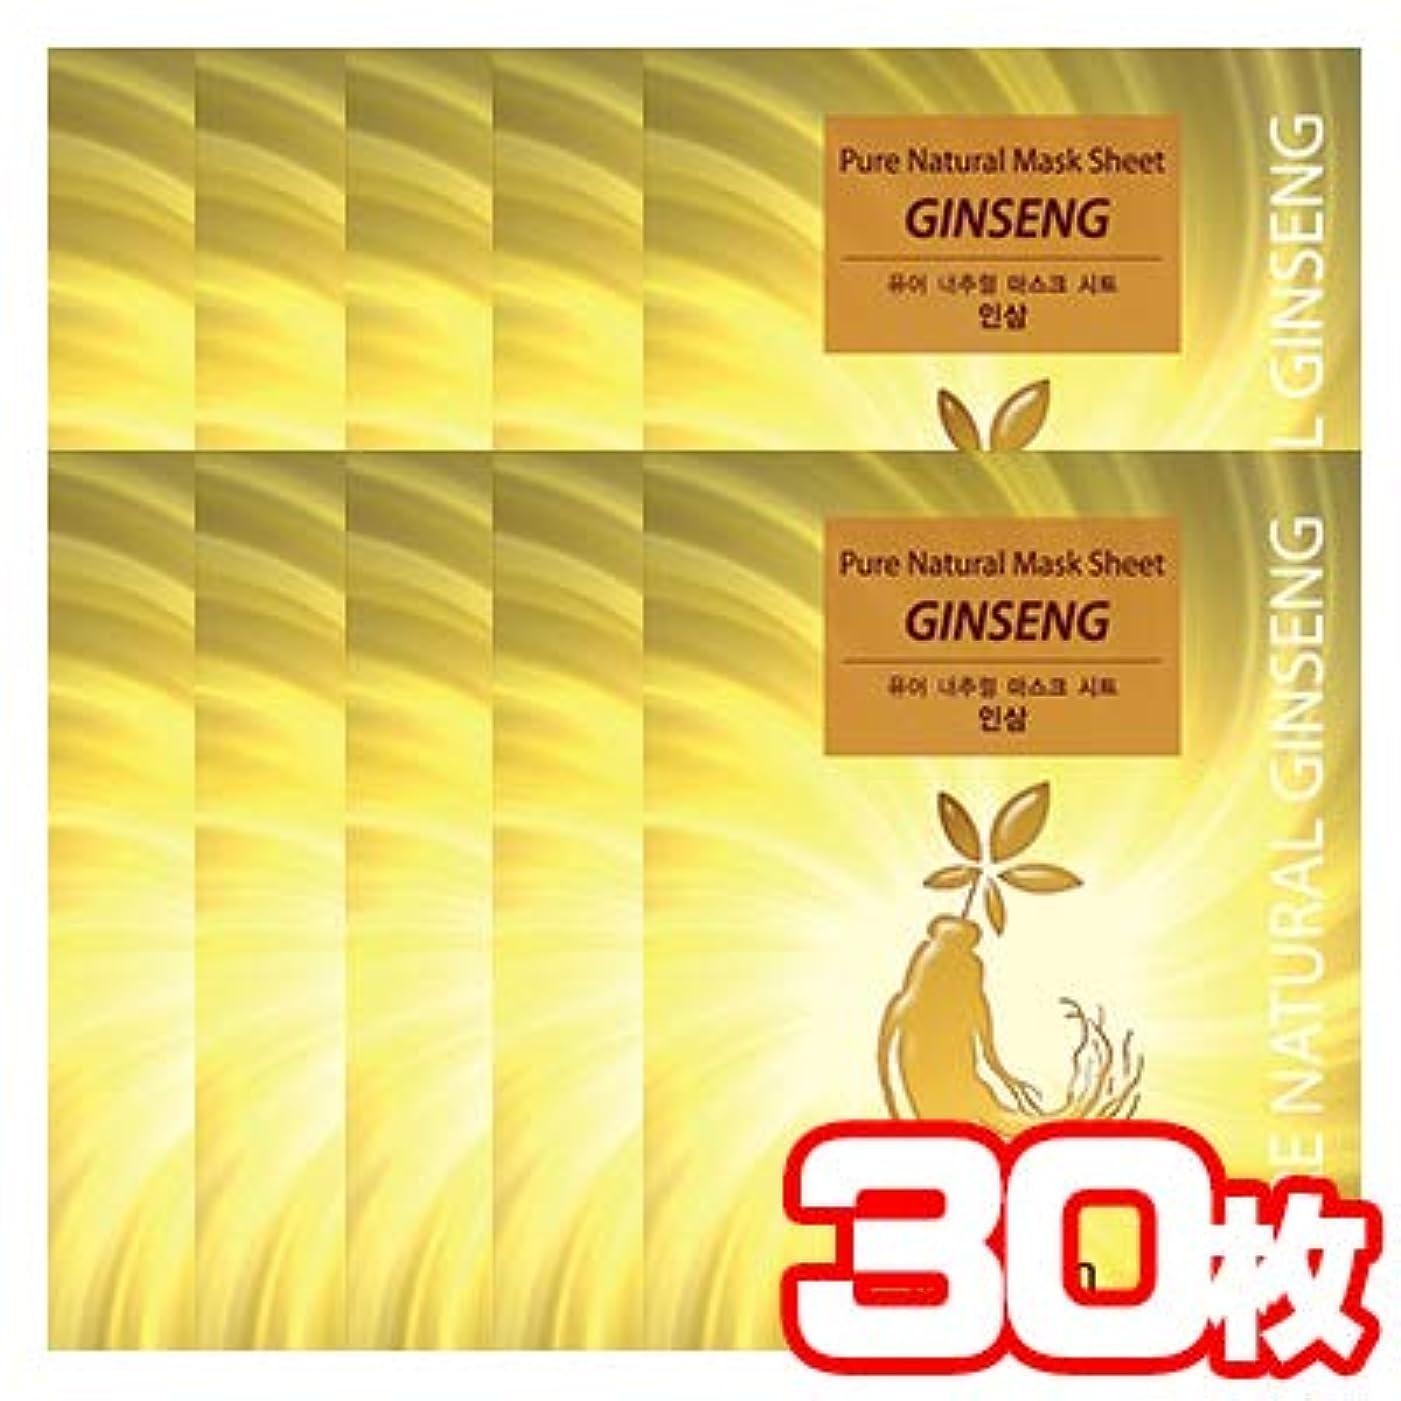 パイル宣伝デコラティブザセム ピュア ナチュラル マスクシート 3類 Pure Natural Mask Sheet 20mlx30枚 (高麗人参(30枚))